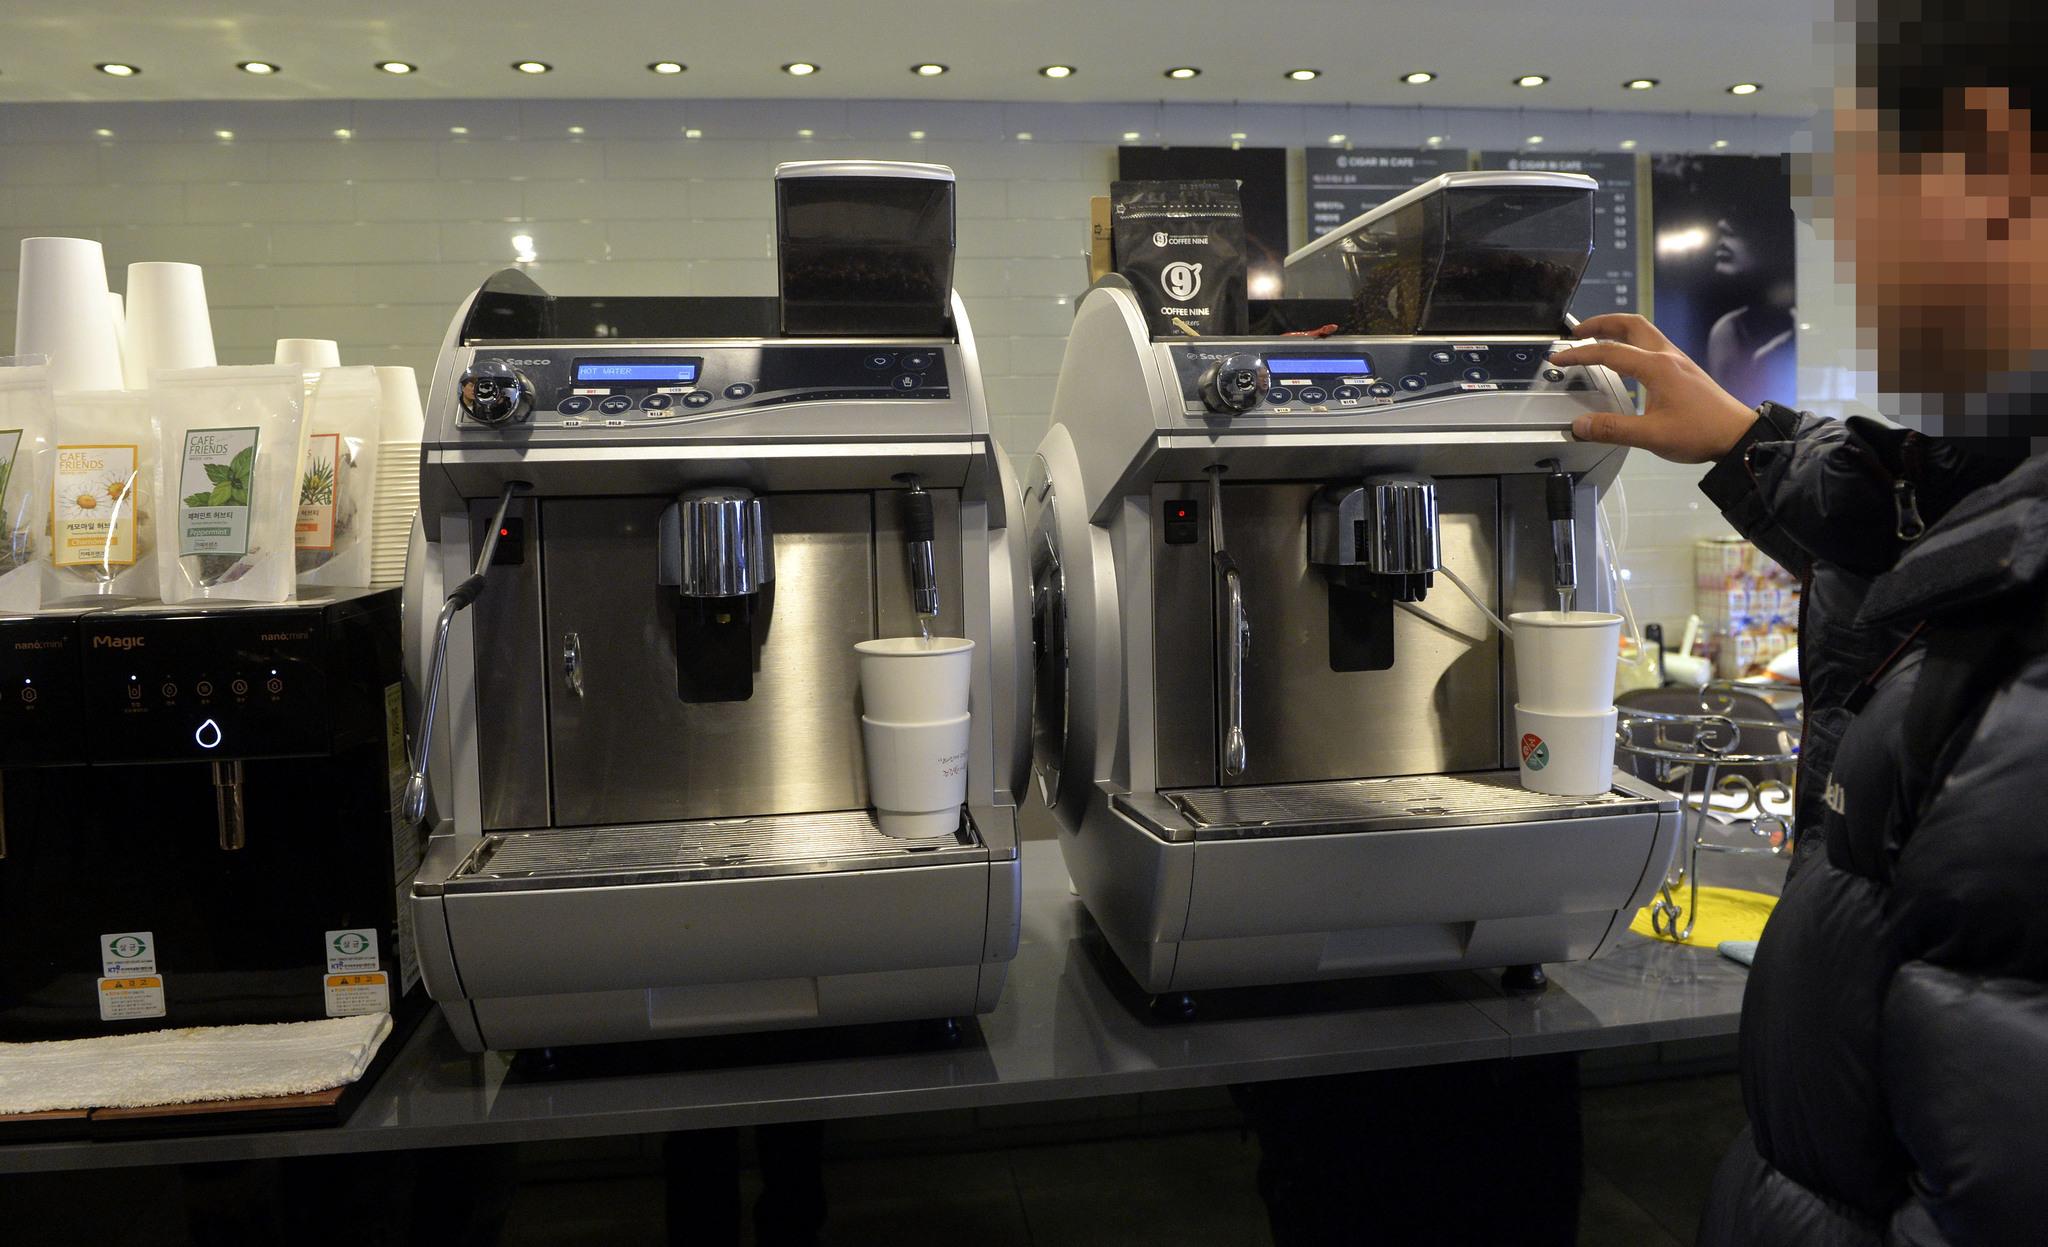 흡연카페에설치된 커피제조기.식품자동판매기영업으로 영업신고를 하기 위해 매대에 설치됐다.대전=프리랜서 김성태